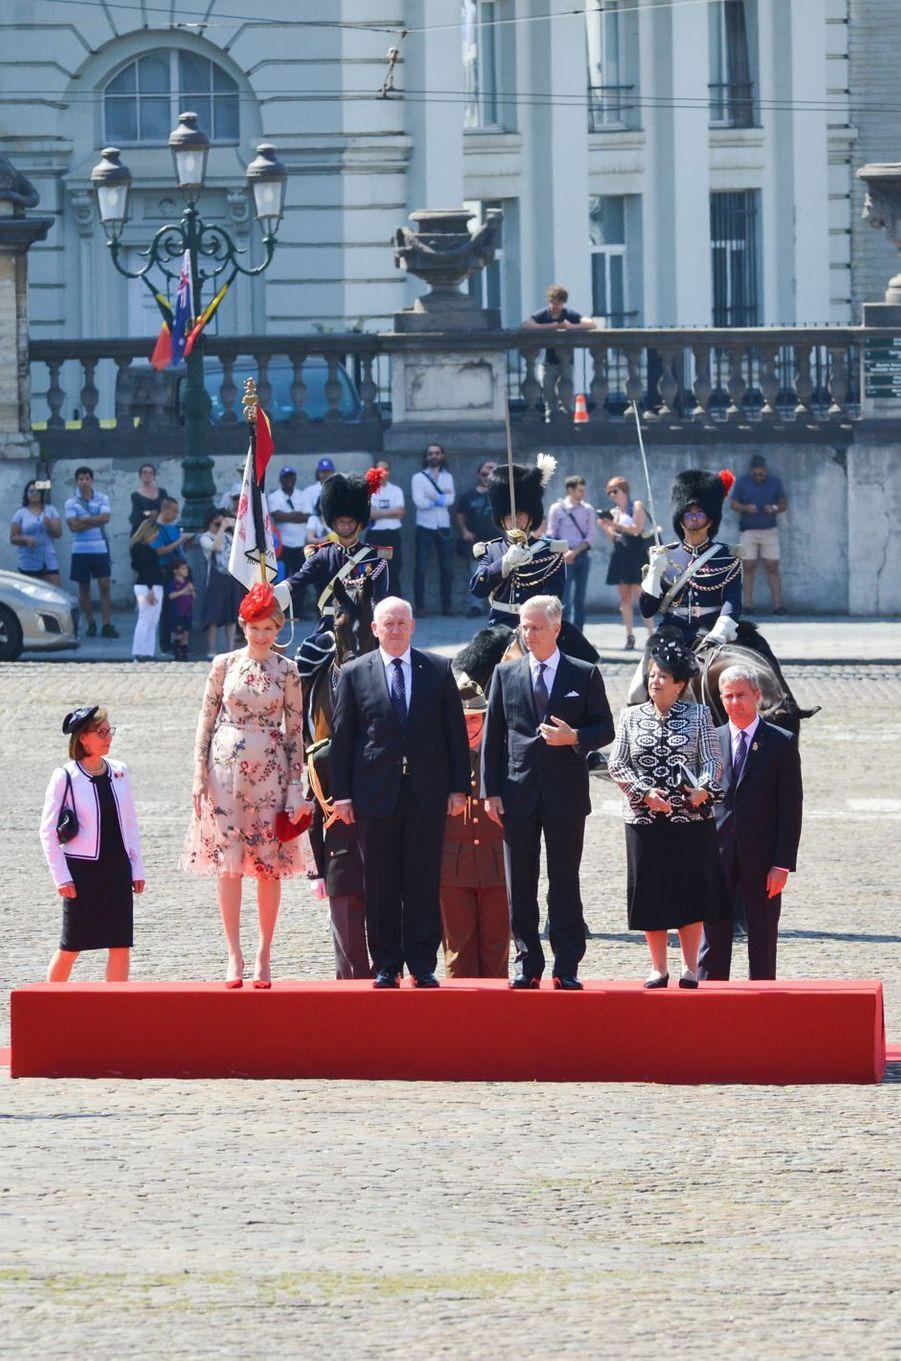 La reine Mathilde et le roi Philippe de Belgique avec le gouverneur général de l'Australie Peter Cosgrove et sa femme Lynn à Bruxelles, le 27 juin 2018